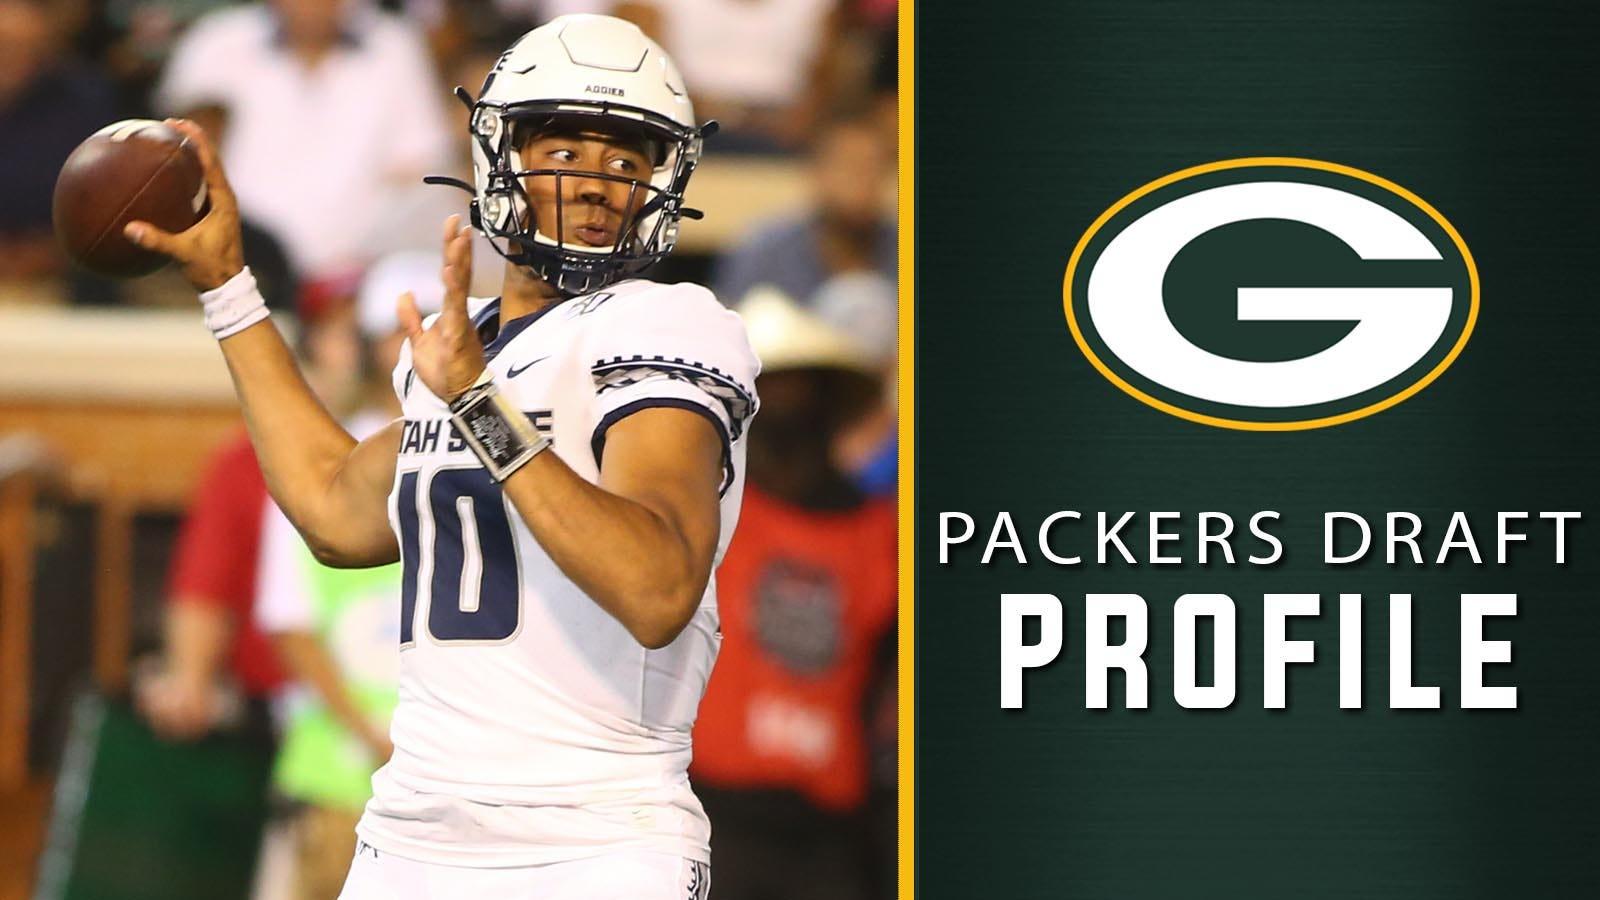 Packers Draft Profile Utah State Qb Jordan Love Fox Sports